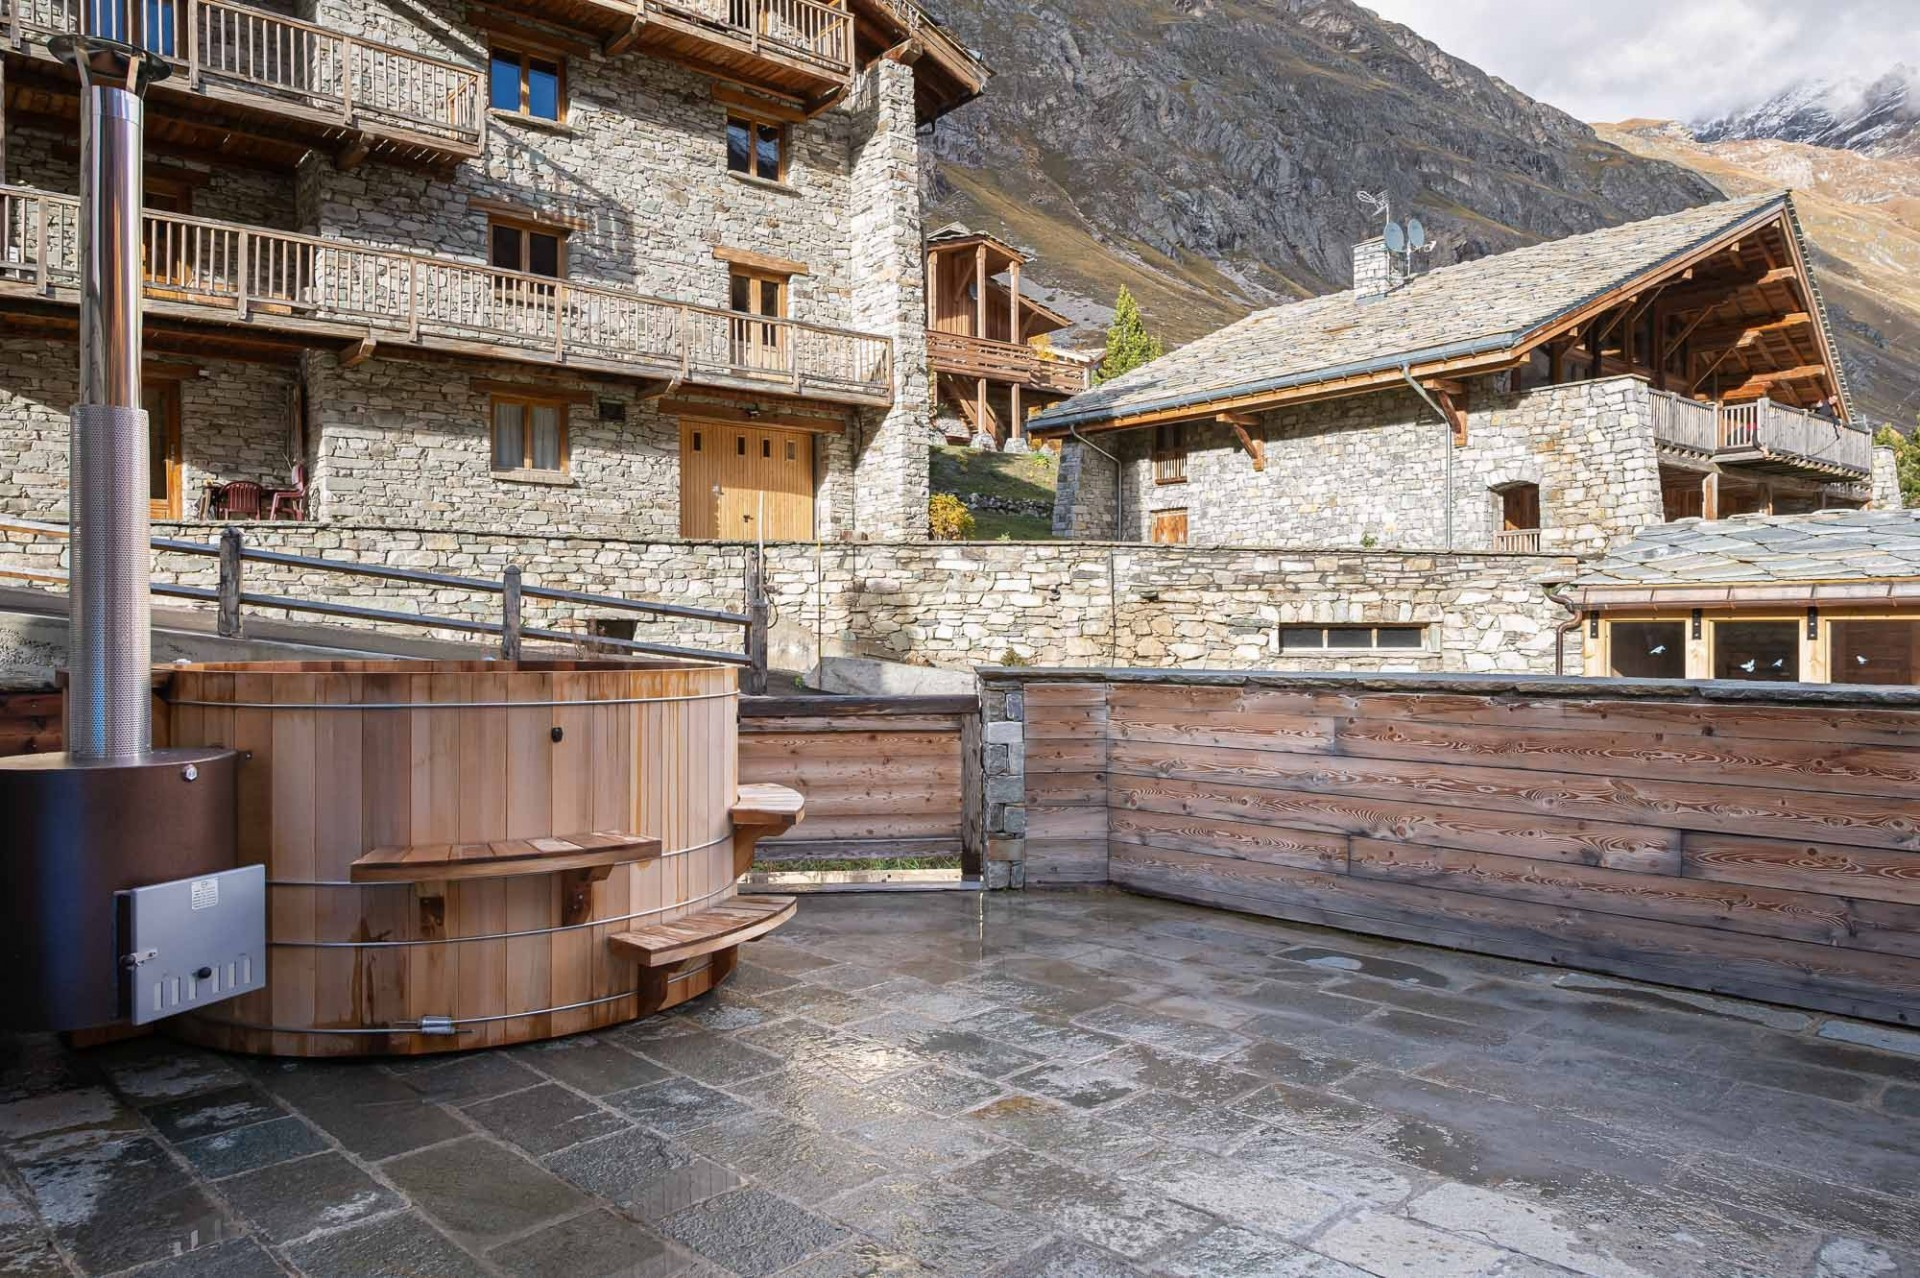 Val d'Isère Location Chalet Luxe Tellanche Bain Nordique 3